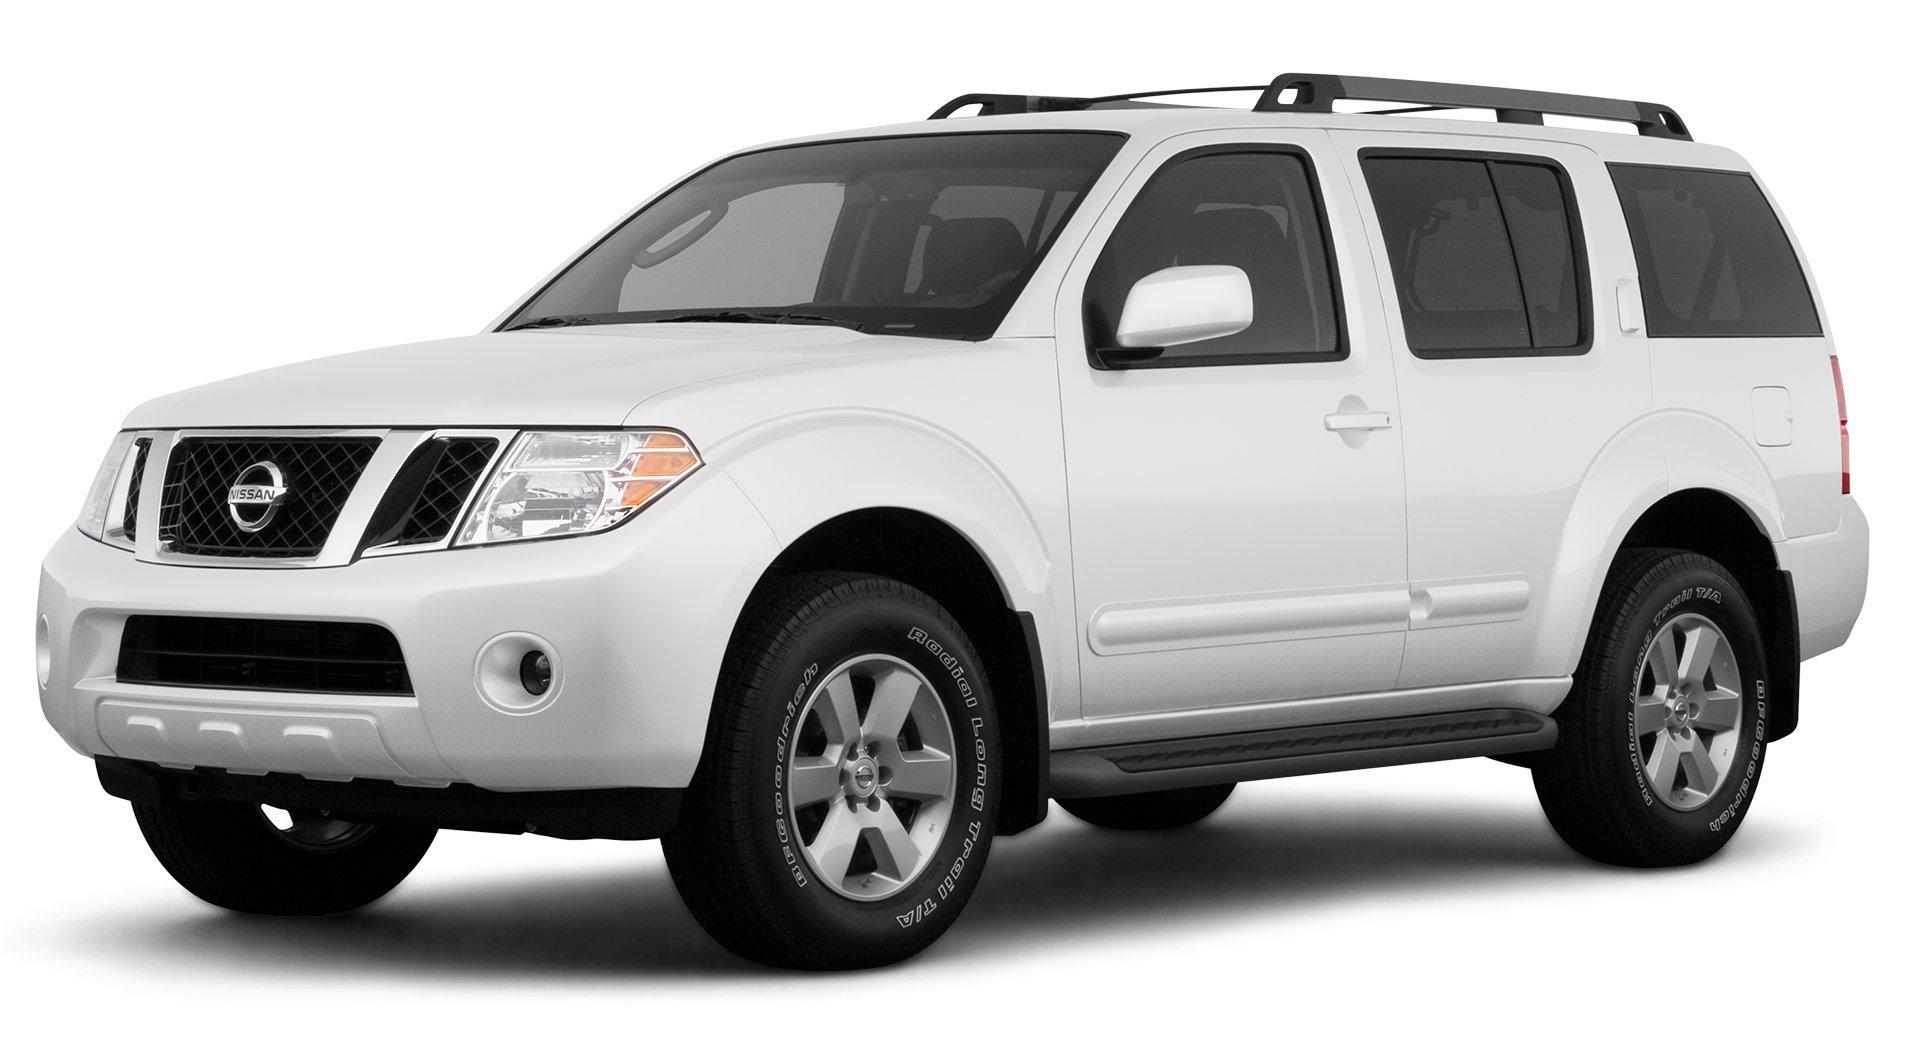 2008 nissan pathfinder se 2 wheel drive 4 door v8 2008 dodge durango